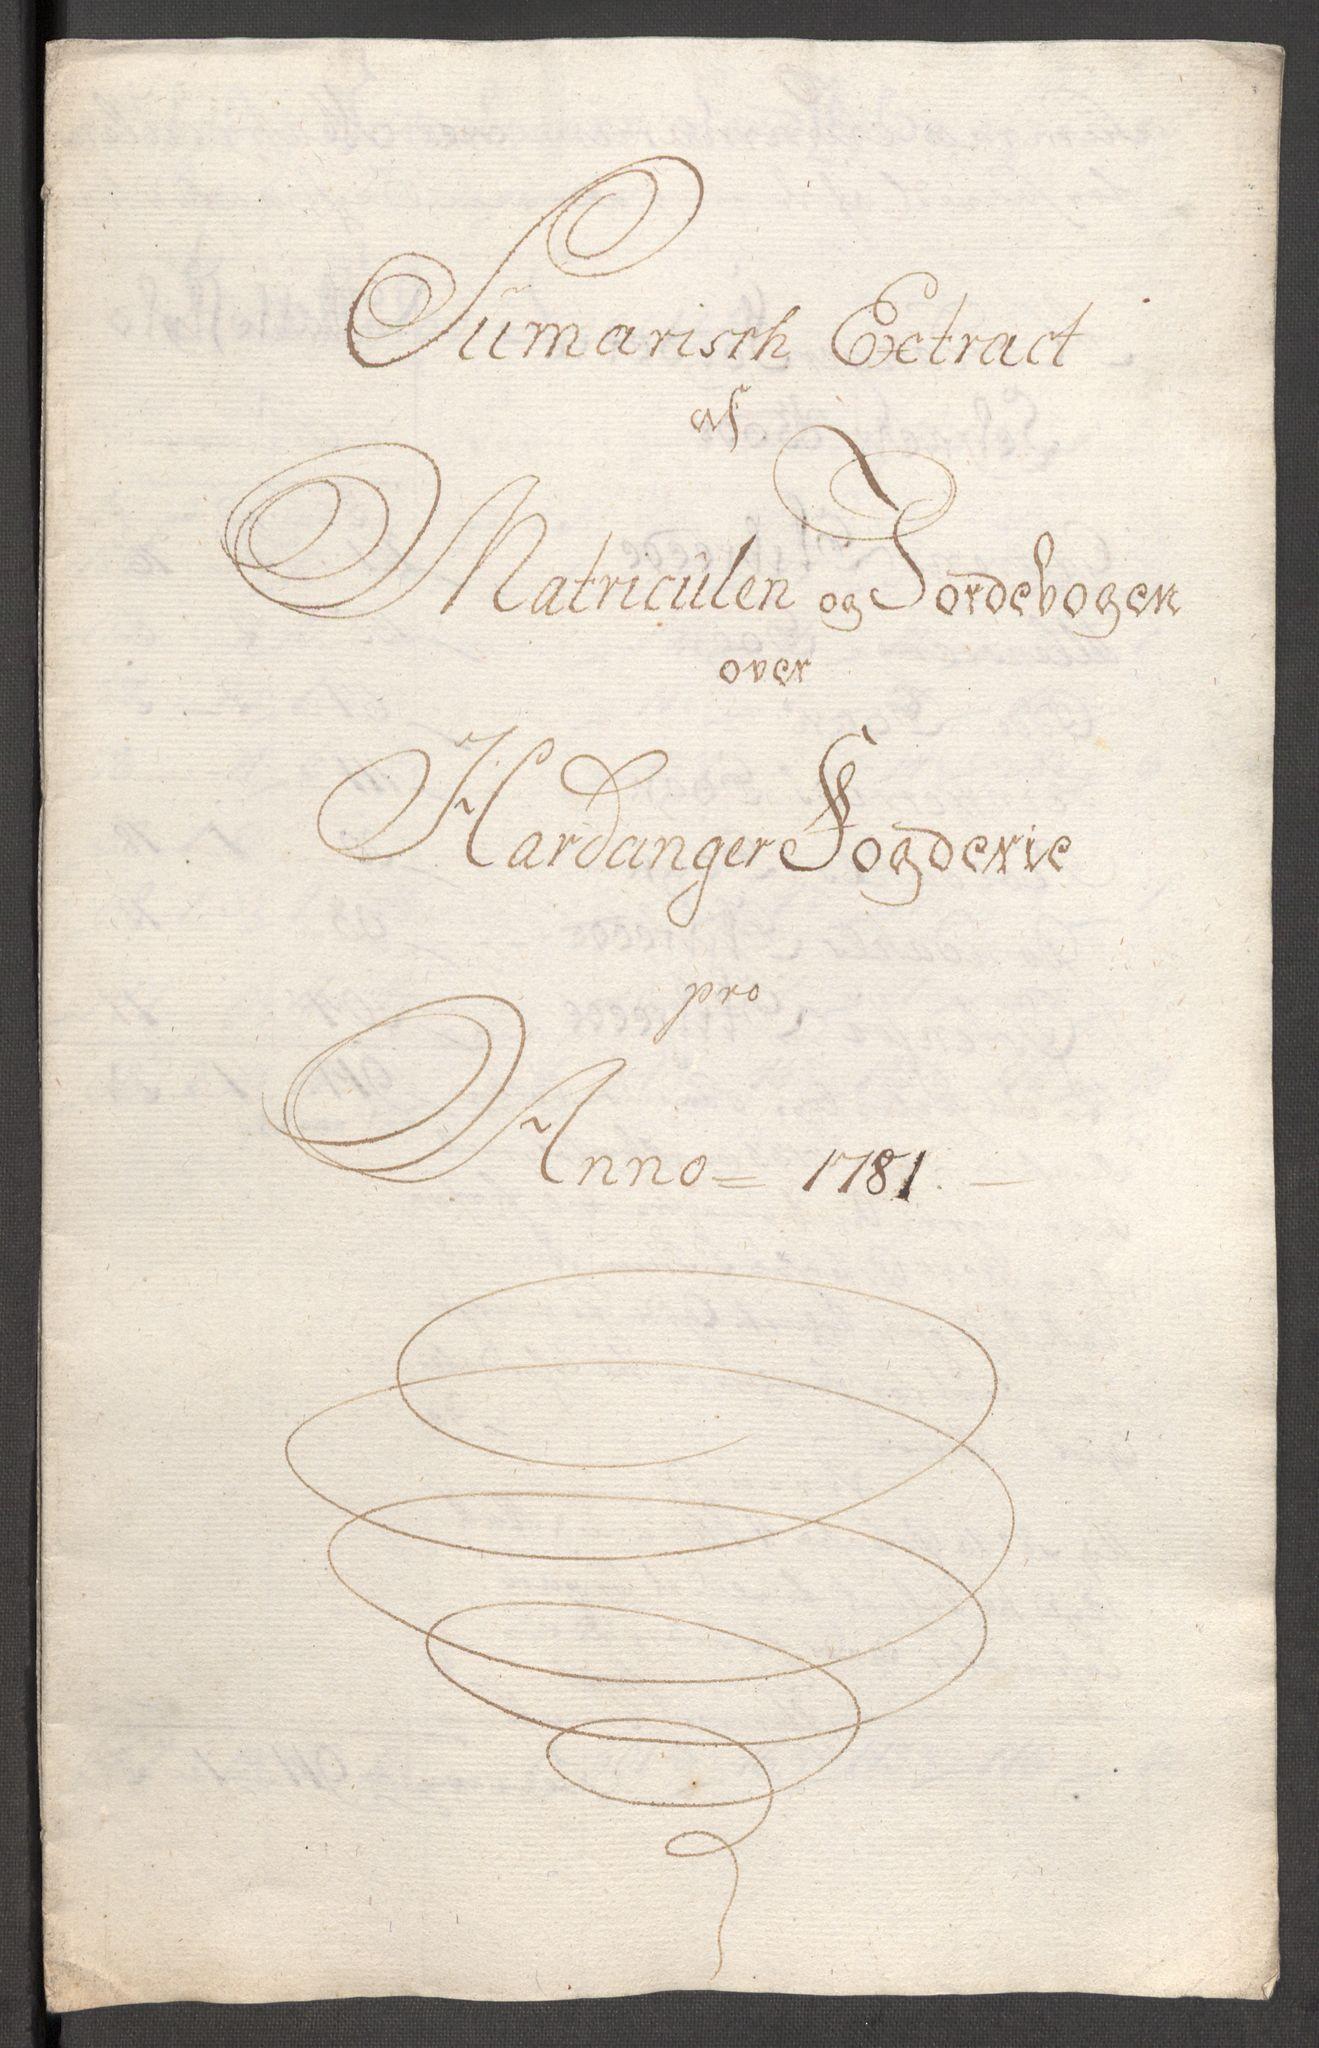 RA, Rentekammeret inntil 1814, Reviderte regnskaper, Fogderegnskap, R48/L3097: Fogderegnskap Sunnhordland og Hardanger, 1781, s. 213